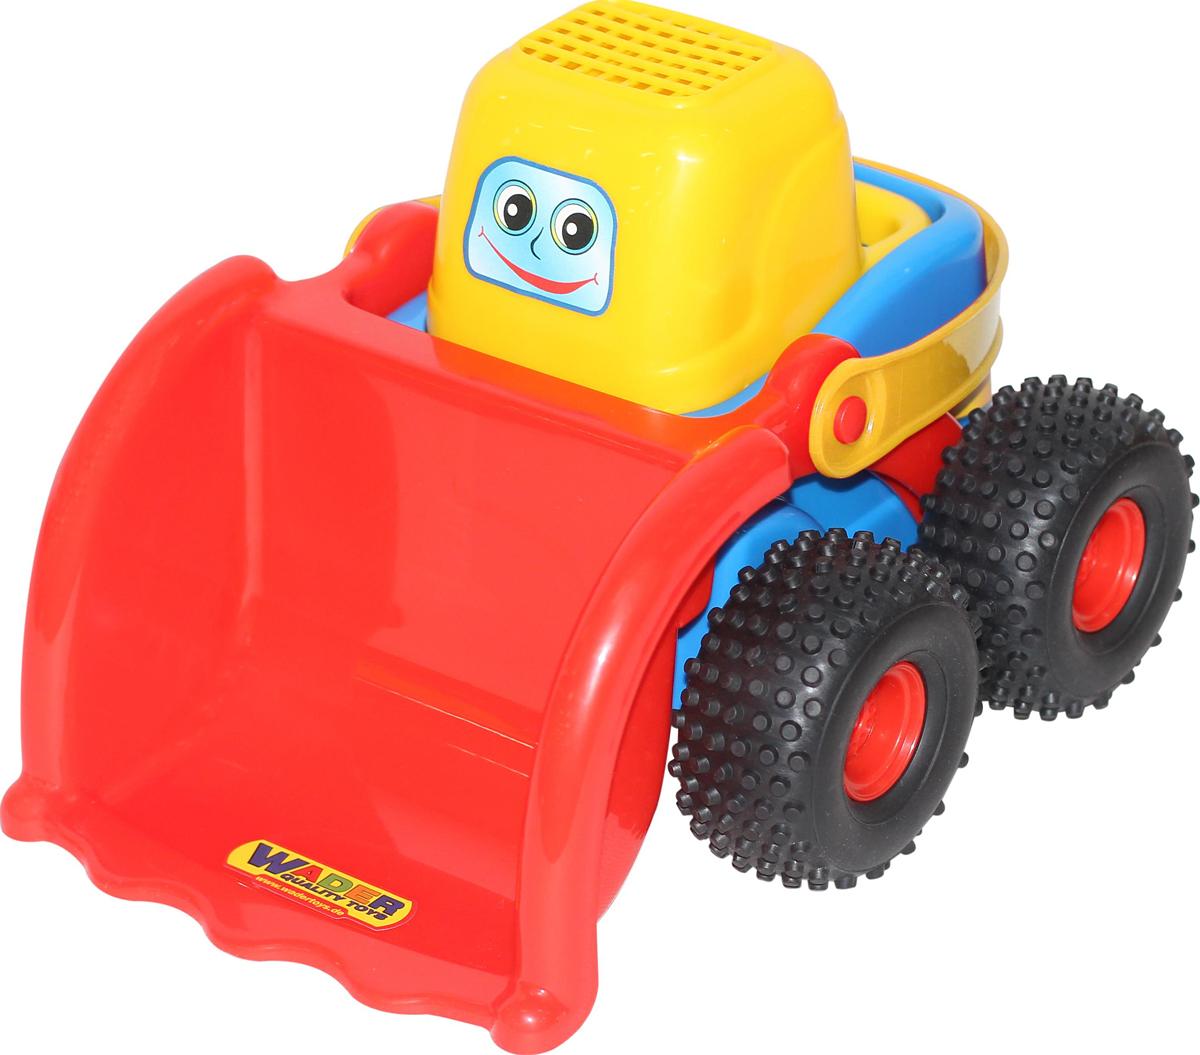 Полесье Трактор-погрузчик Чип-макси, цвет в ассортименте полесье погрузчик карат цвет в ассортименте